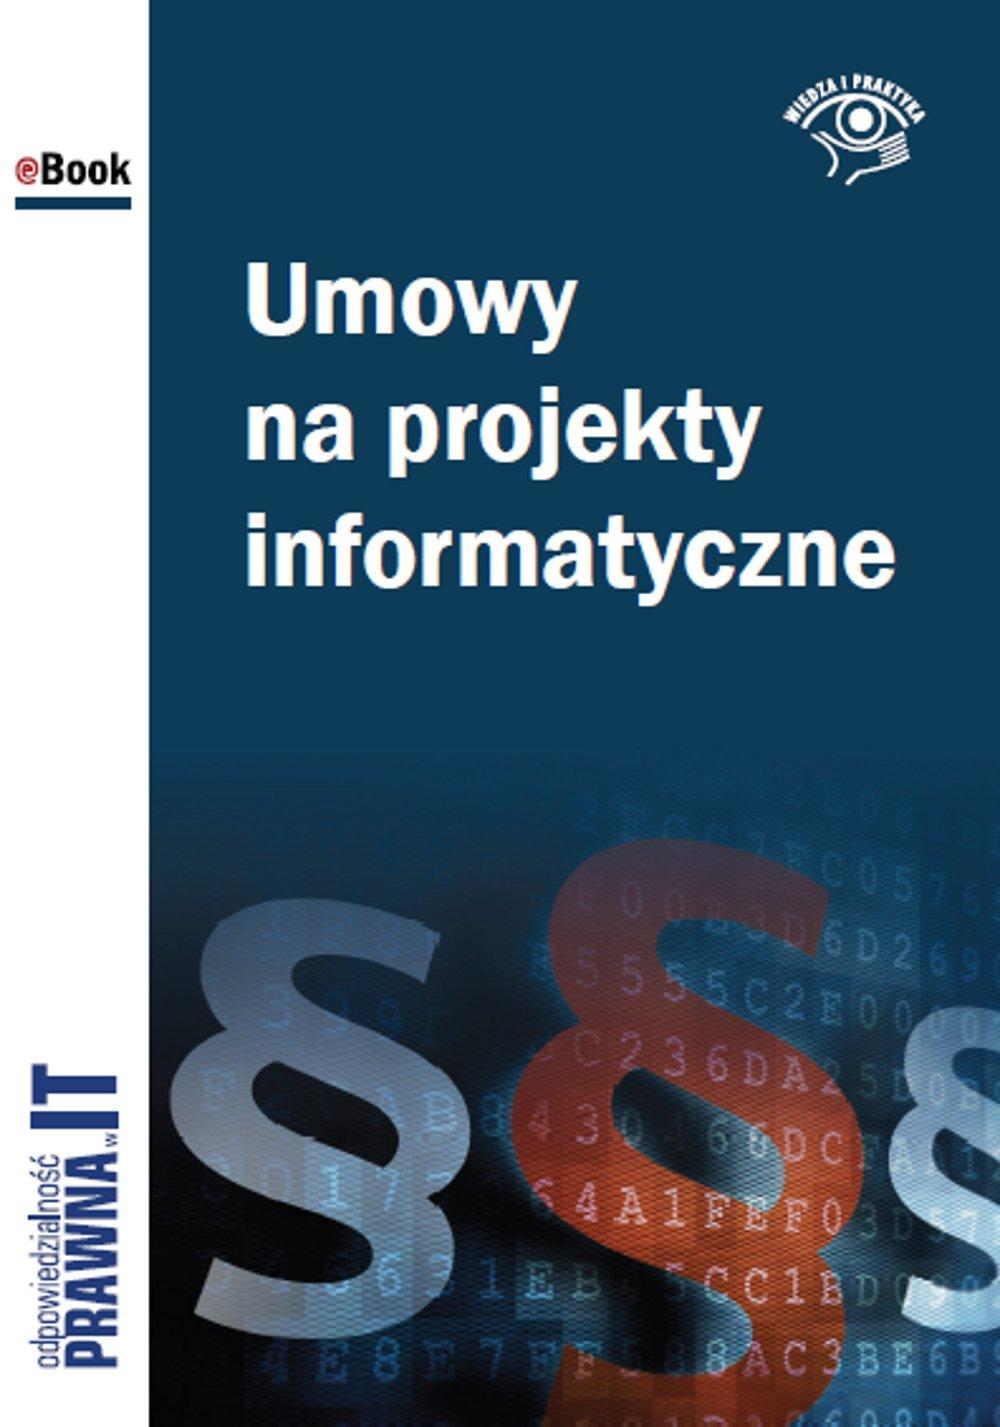 Umowy na projekty informatyczne - Ebook (Książka EPUB) do pobrania w formacie EPUB